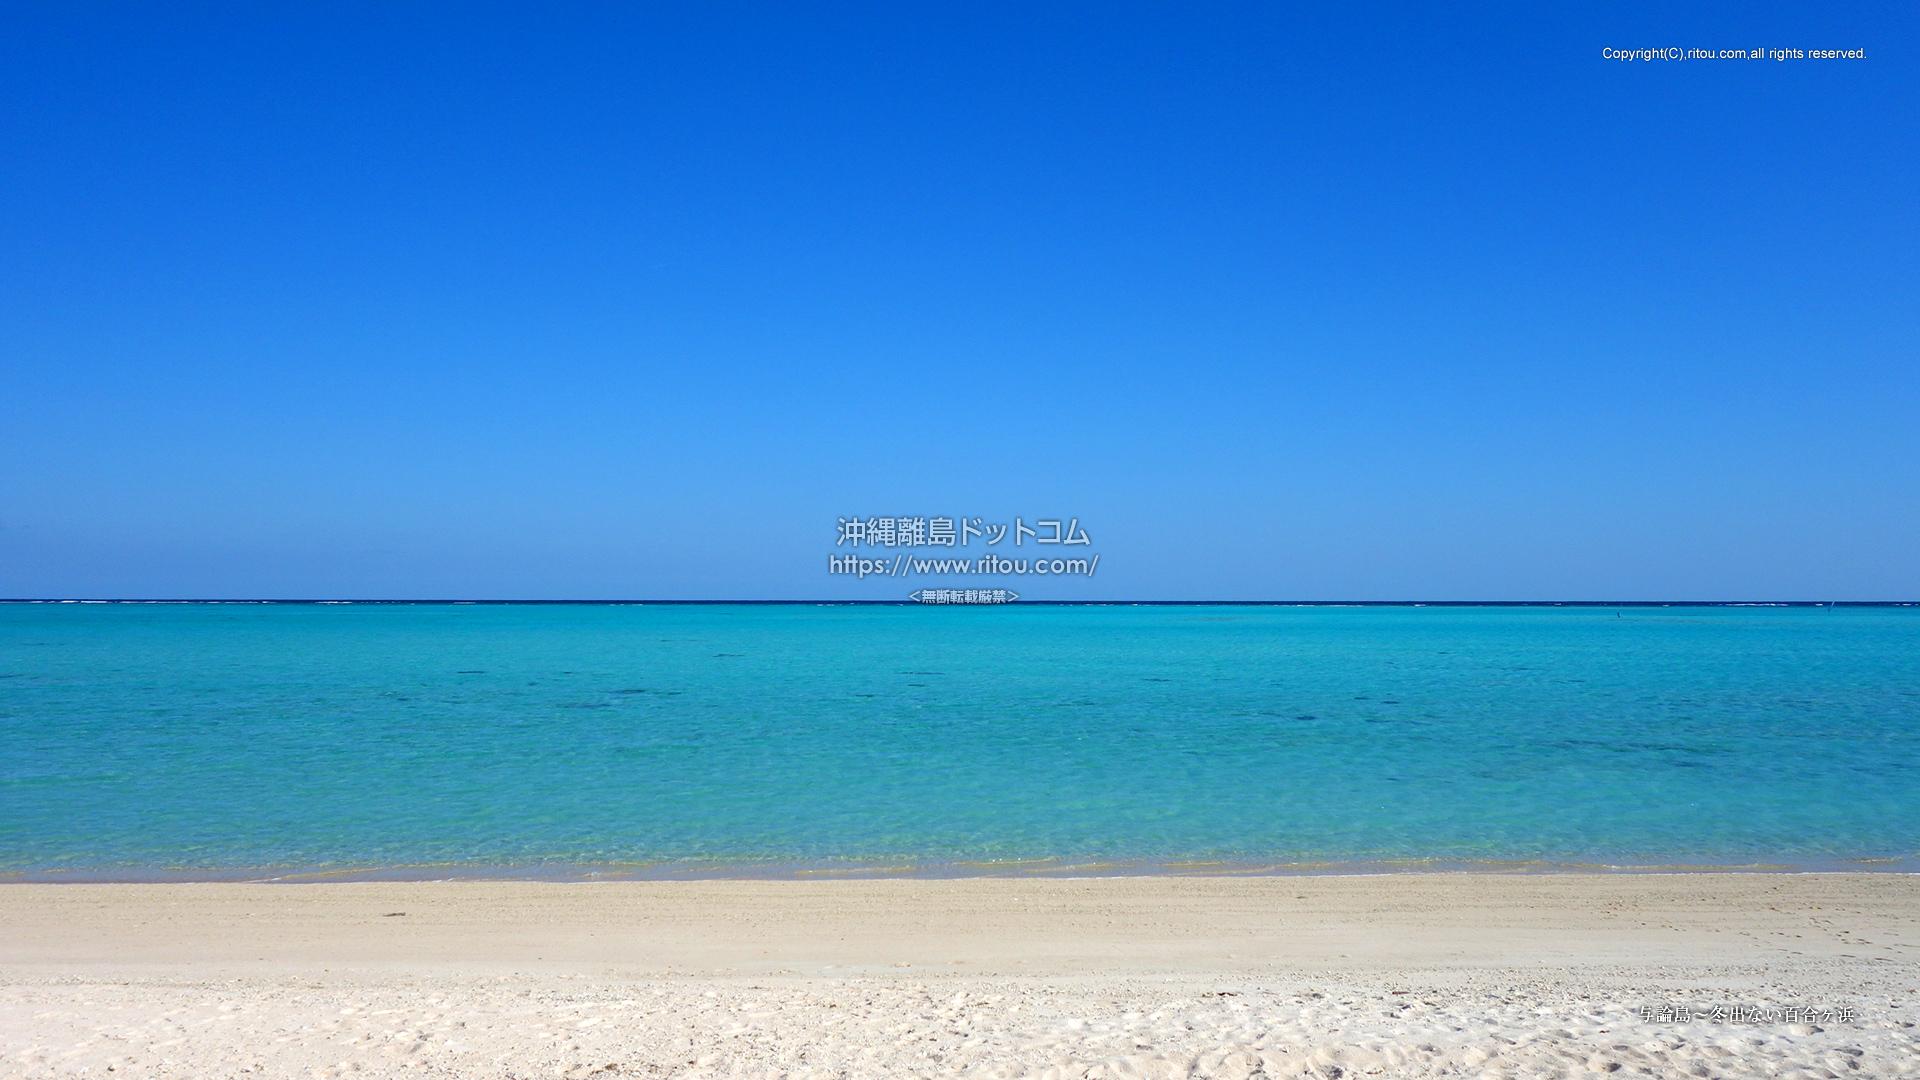 与論島〜冬出ない百合ヶ浜